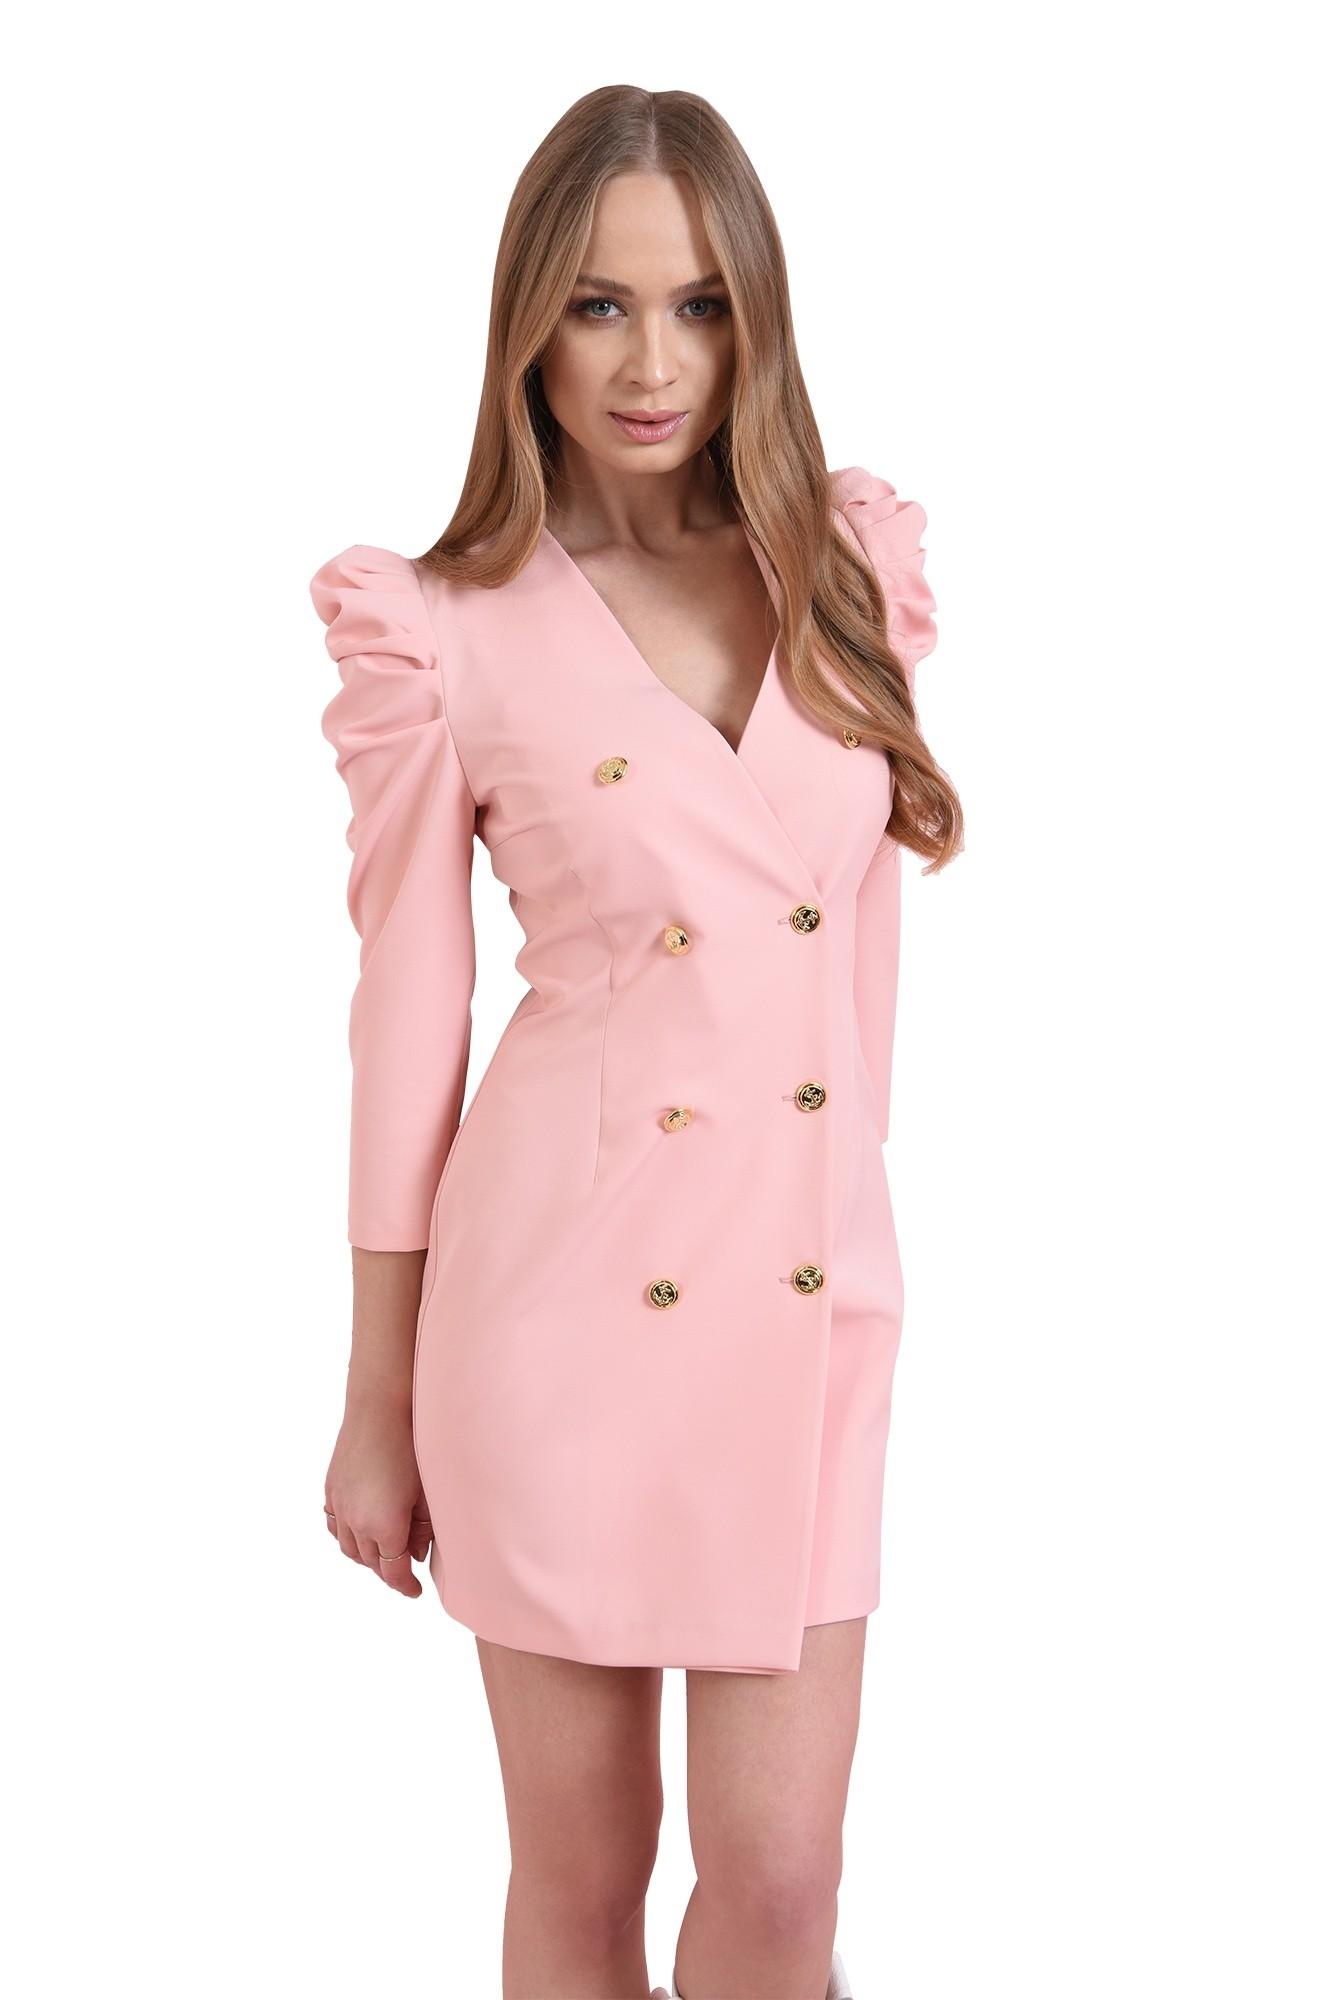 3 - rochie roz, scurta, cu revere